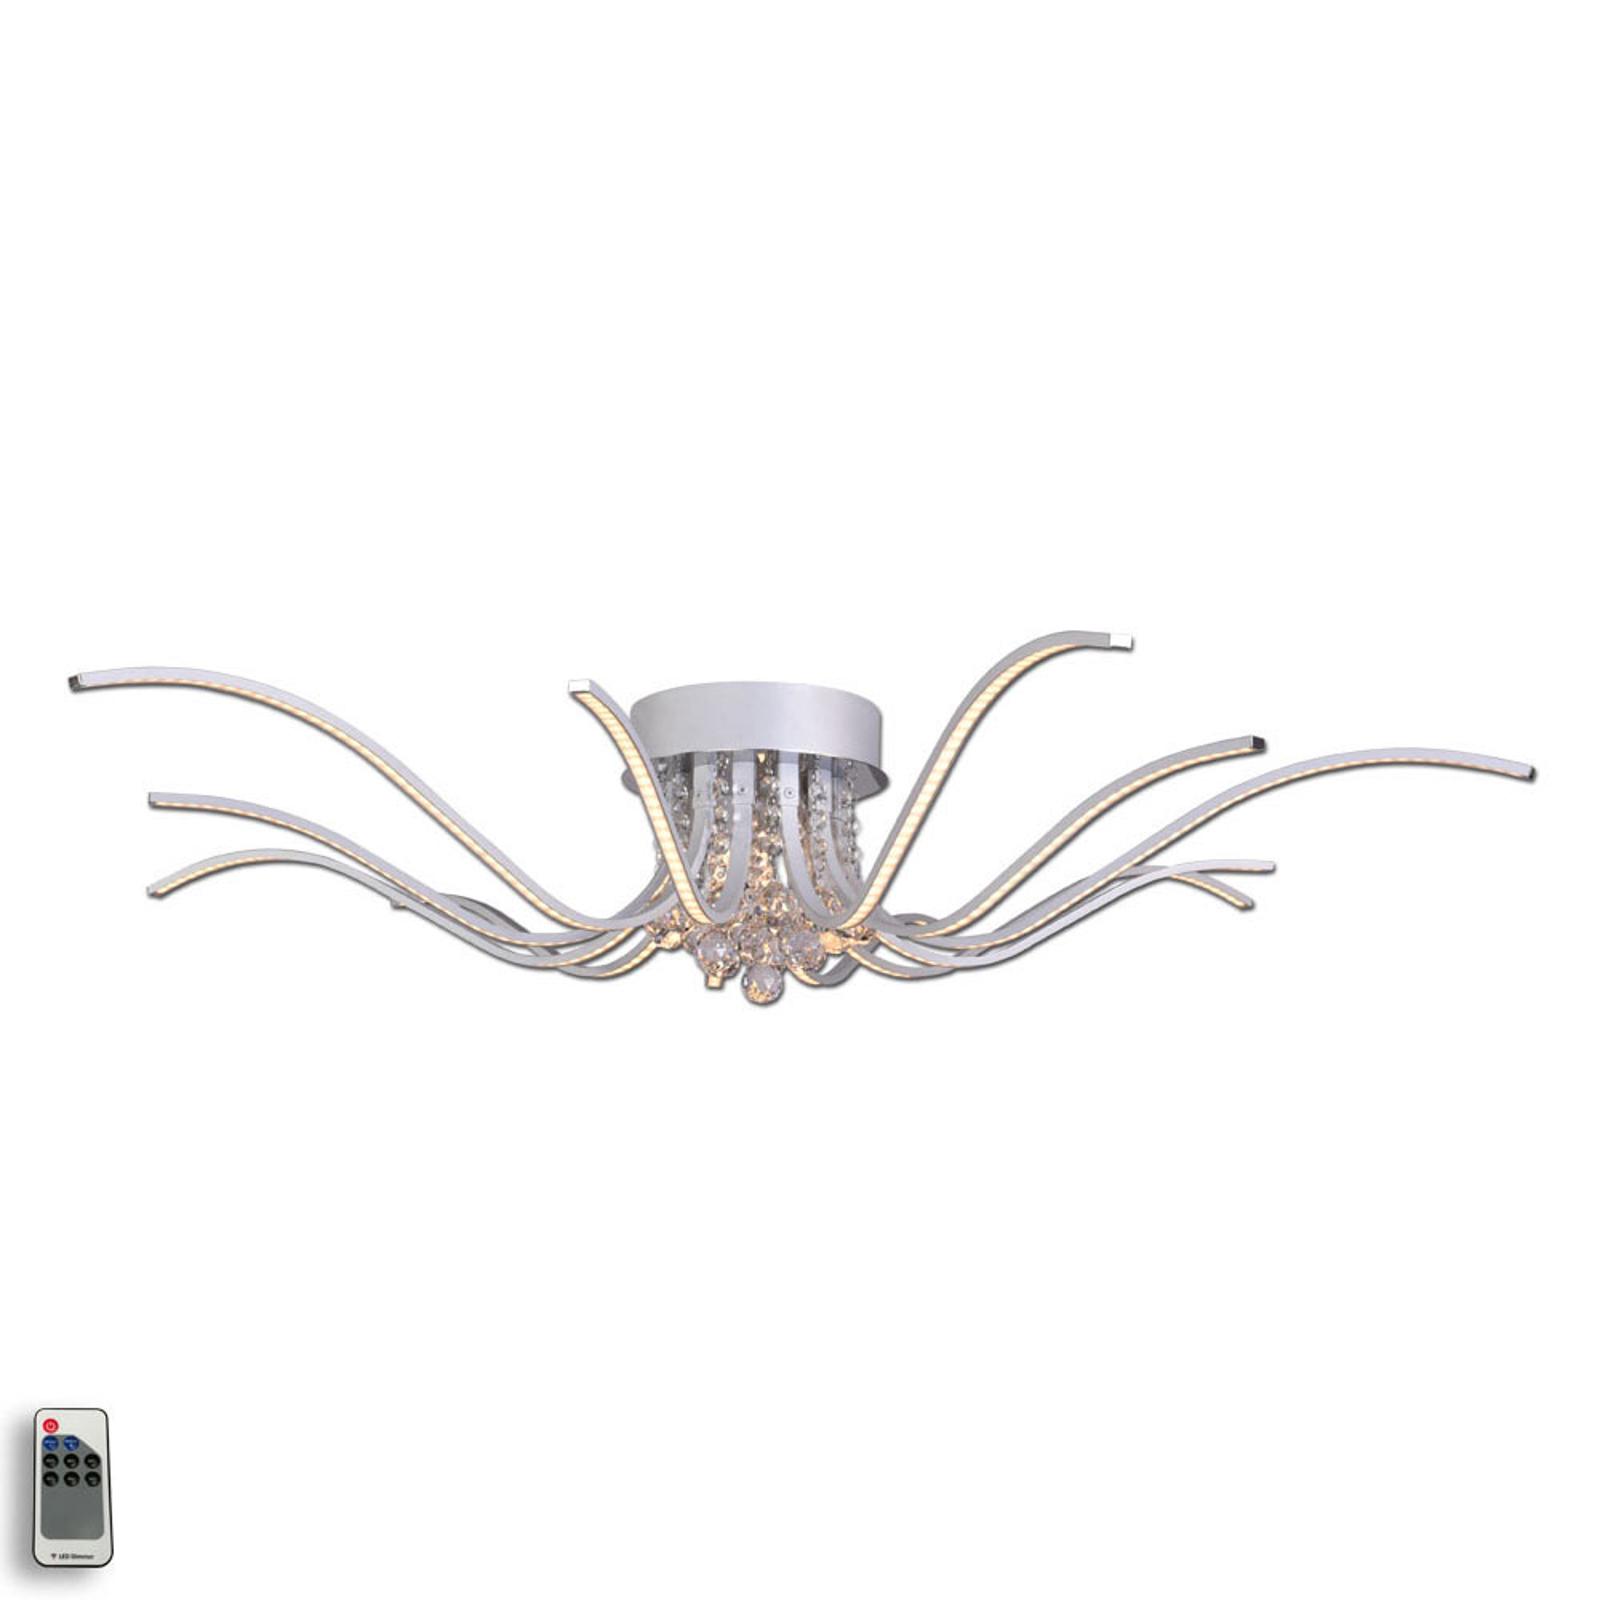 LED-kattovalaisin Lumenos, kristalli, alumiini